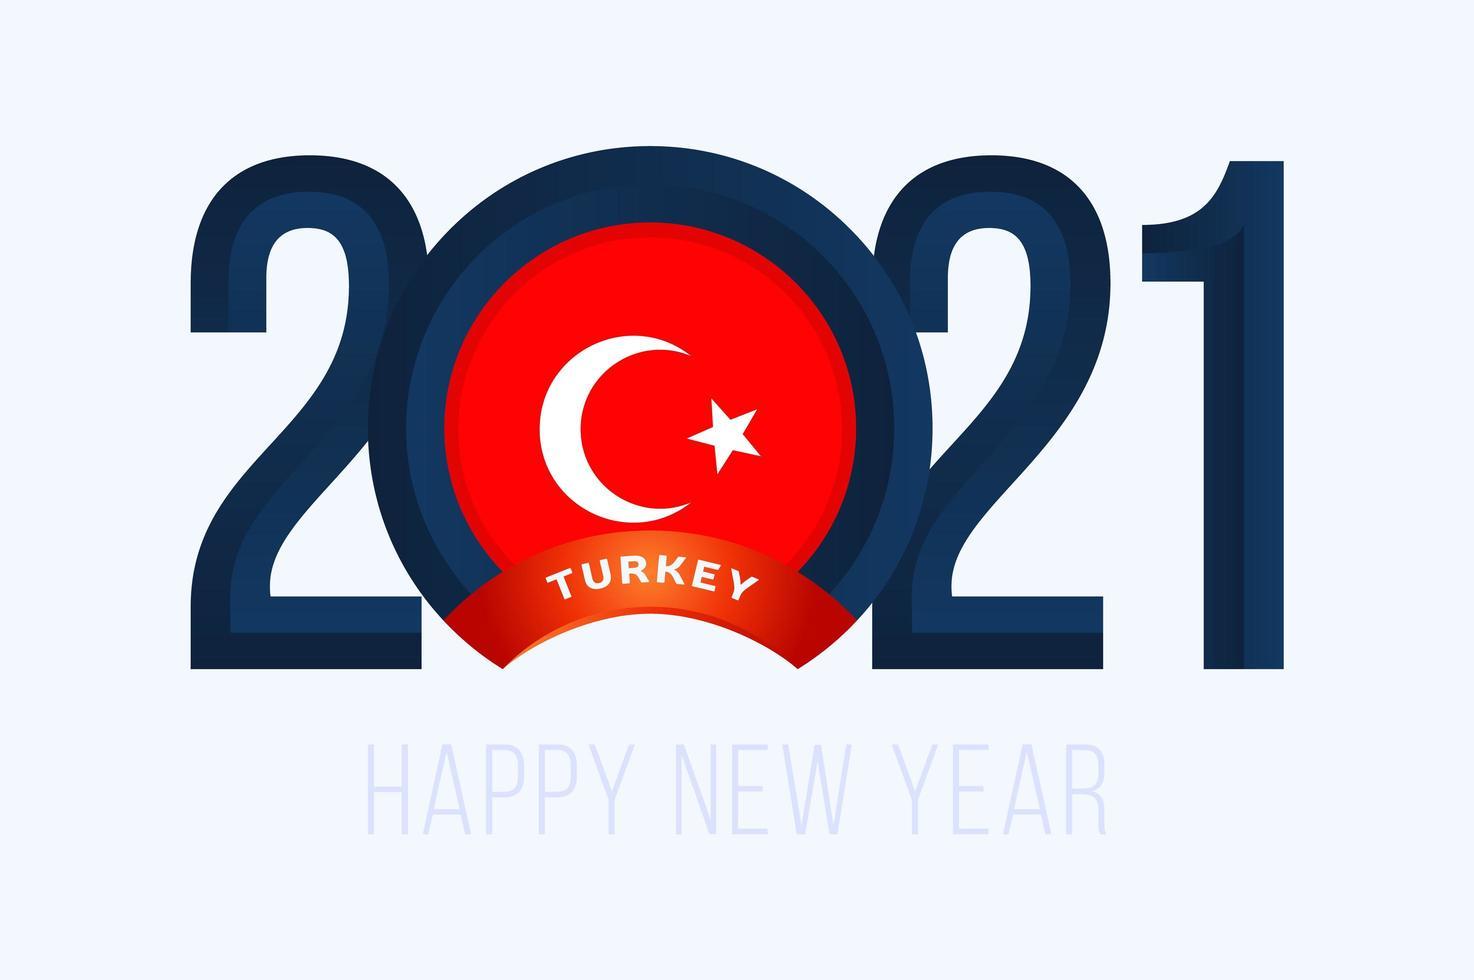 typographie du nouvel an 2021 avec le drapeau de la Turquie vecteur